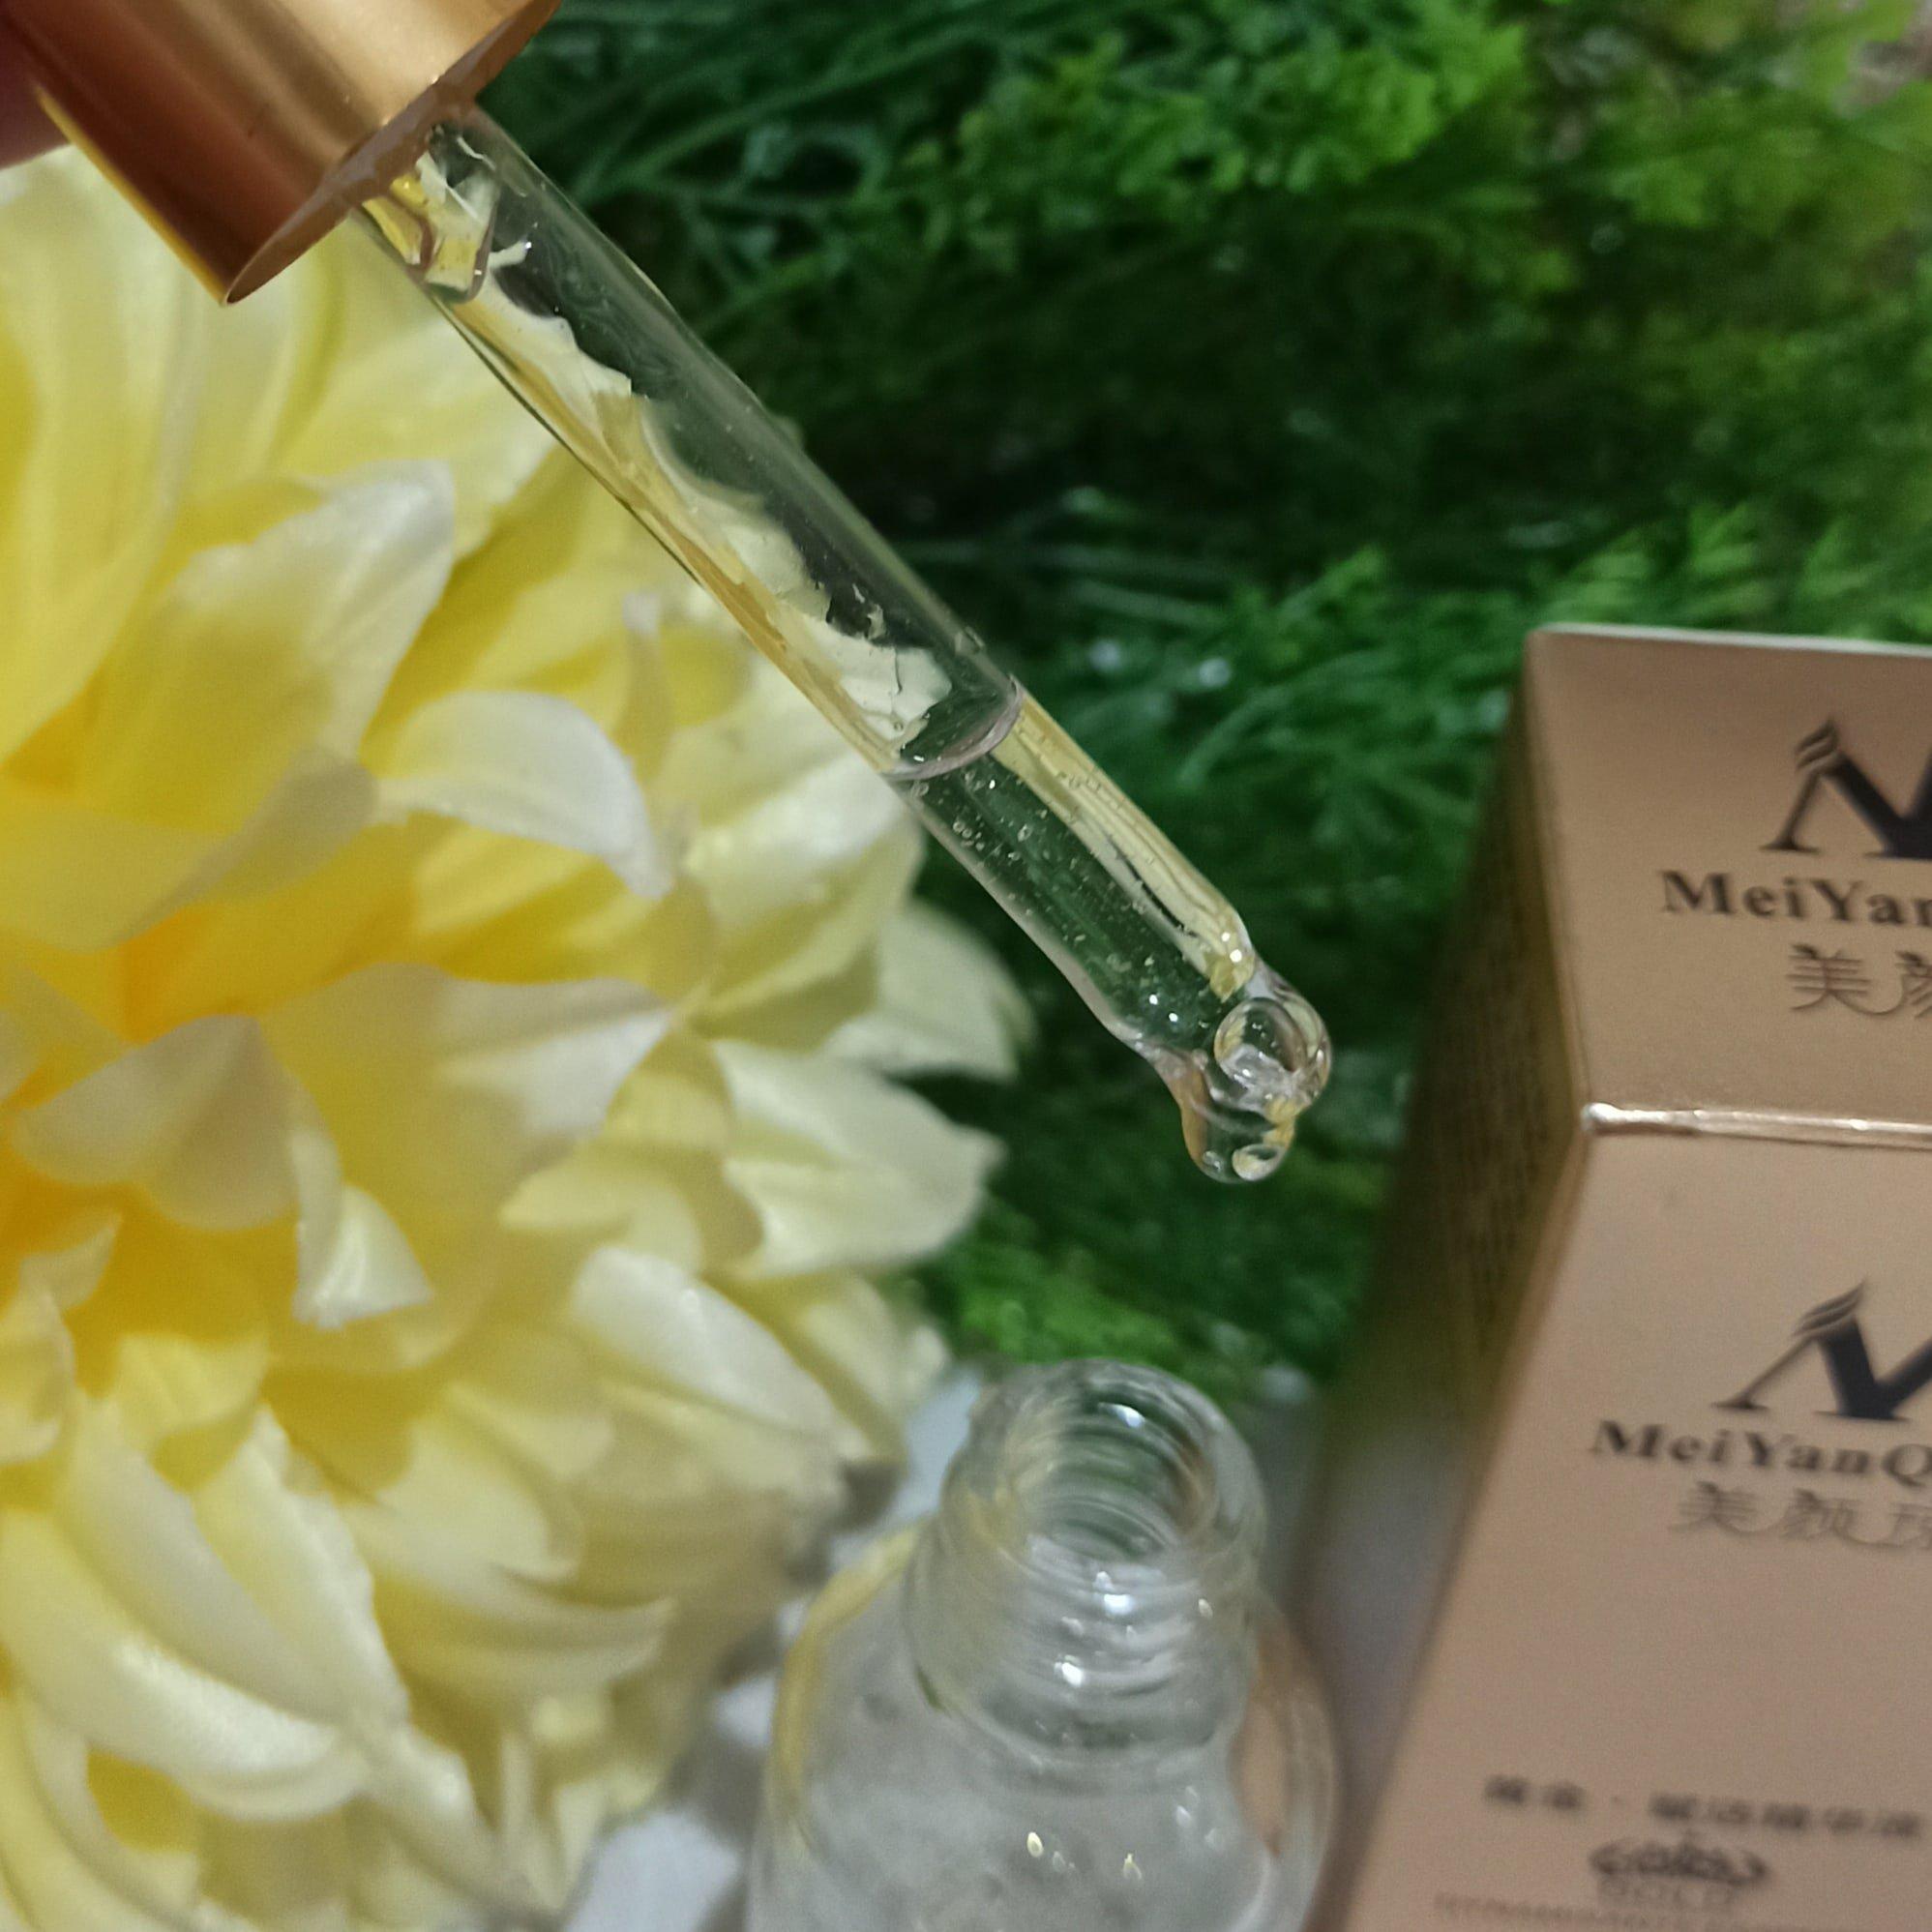 Сыворотка 24К дневной уход за кожей лица от MeiYanQiong - обзор